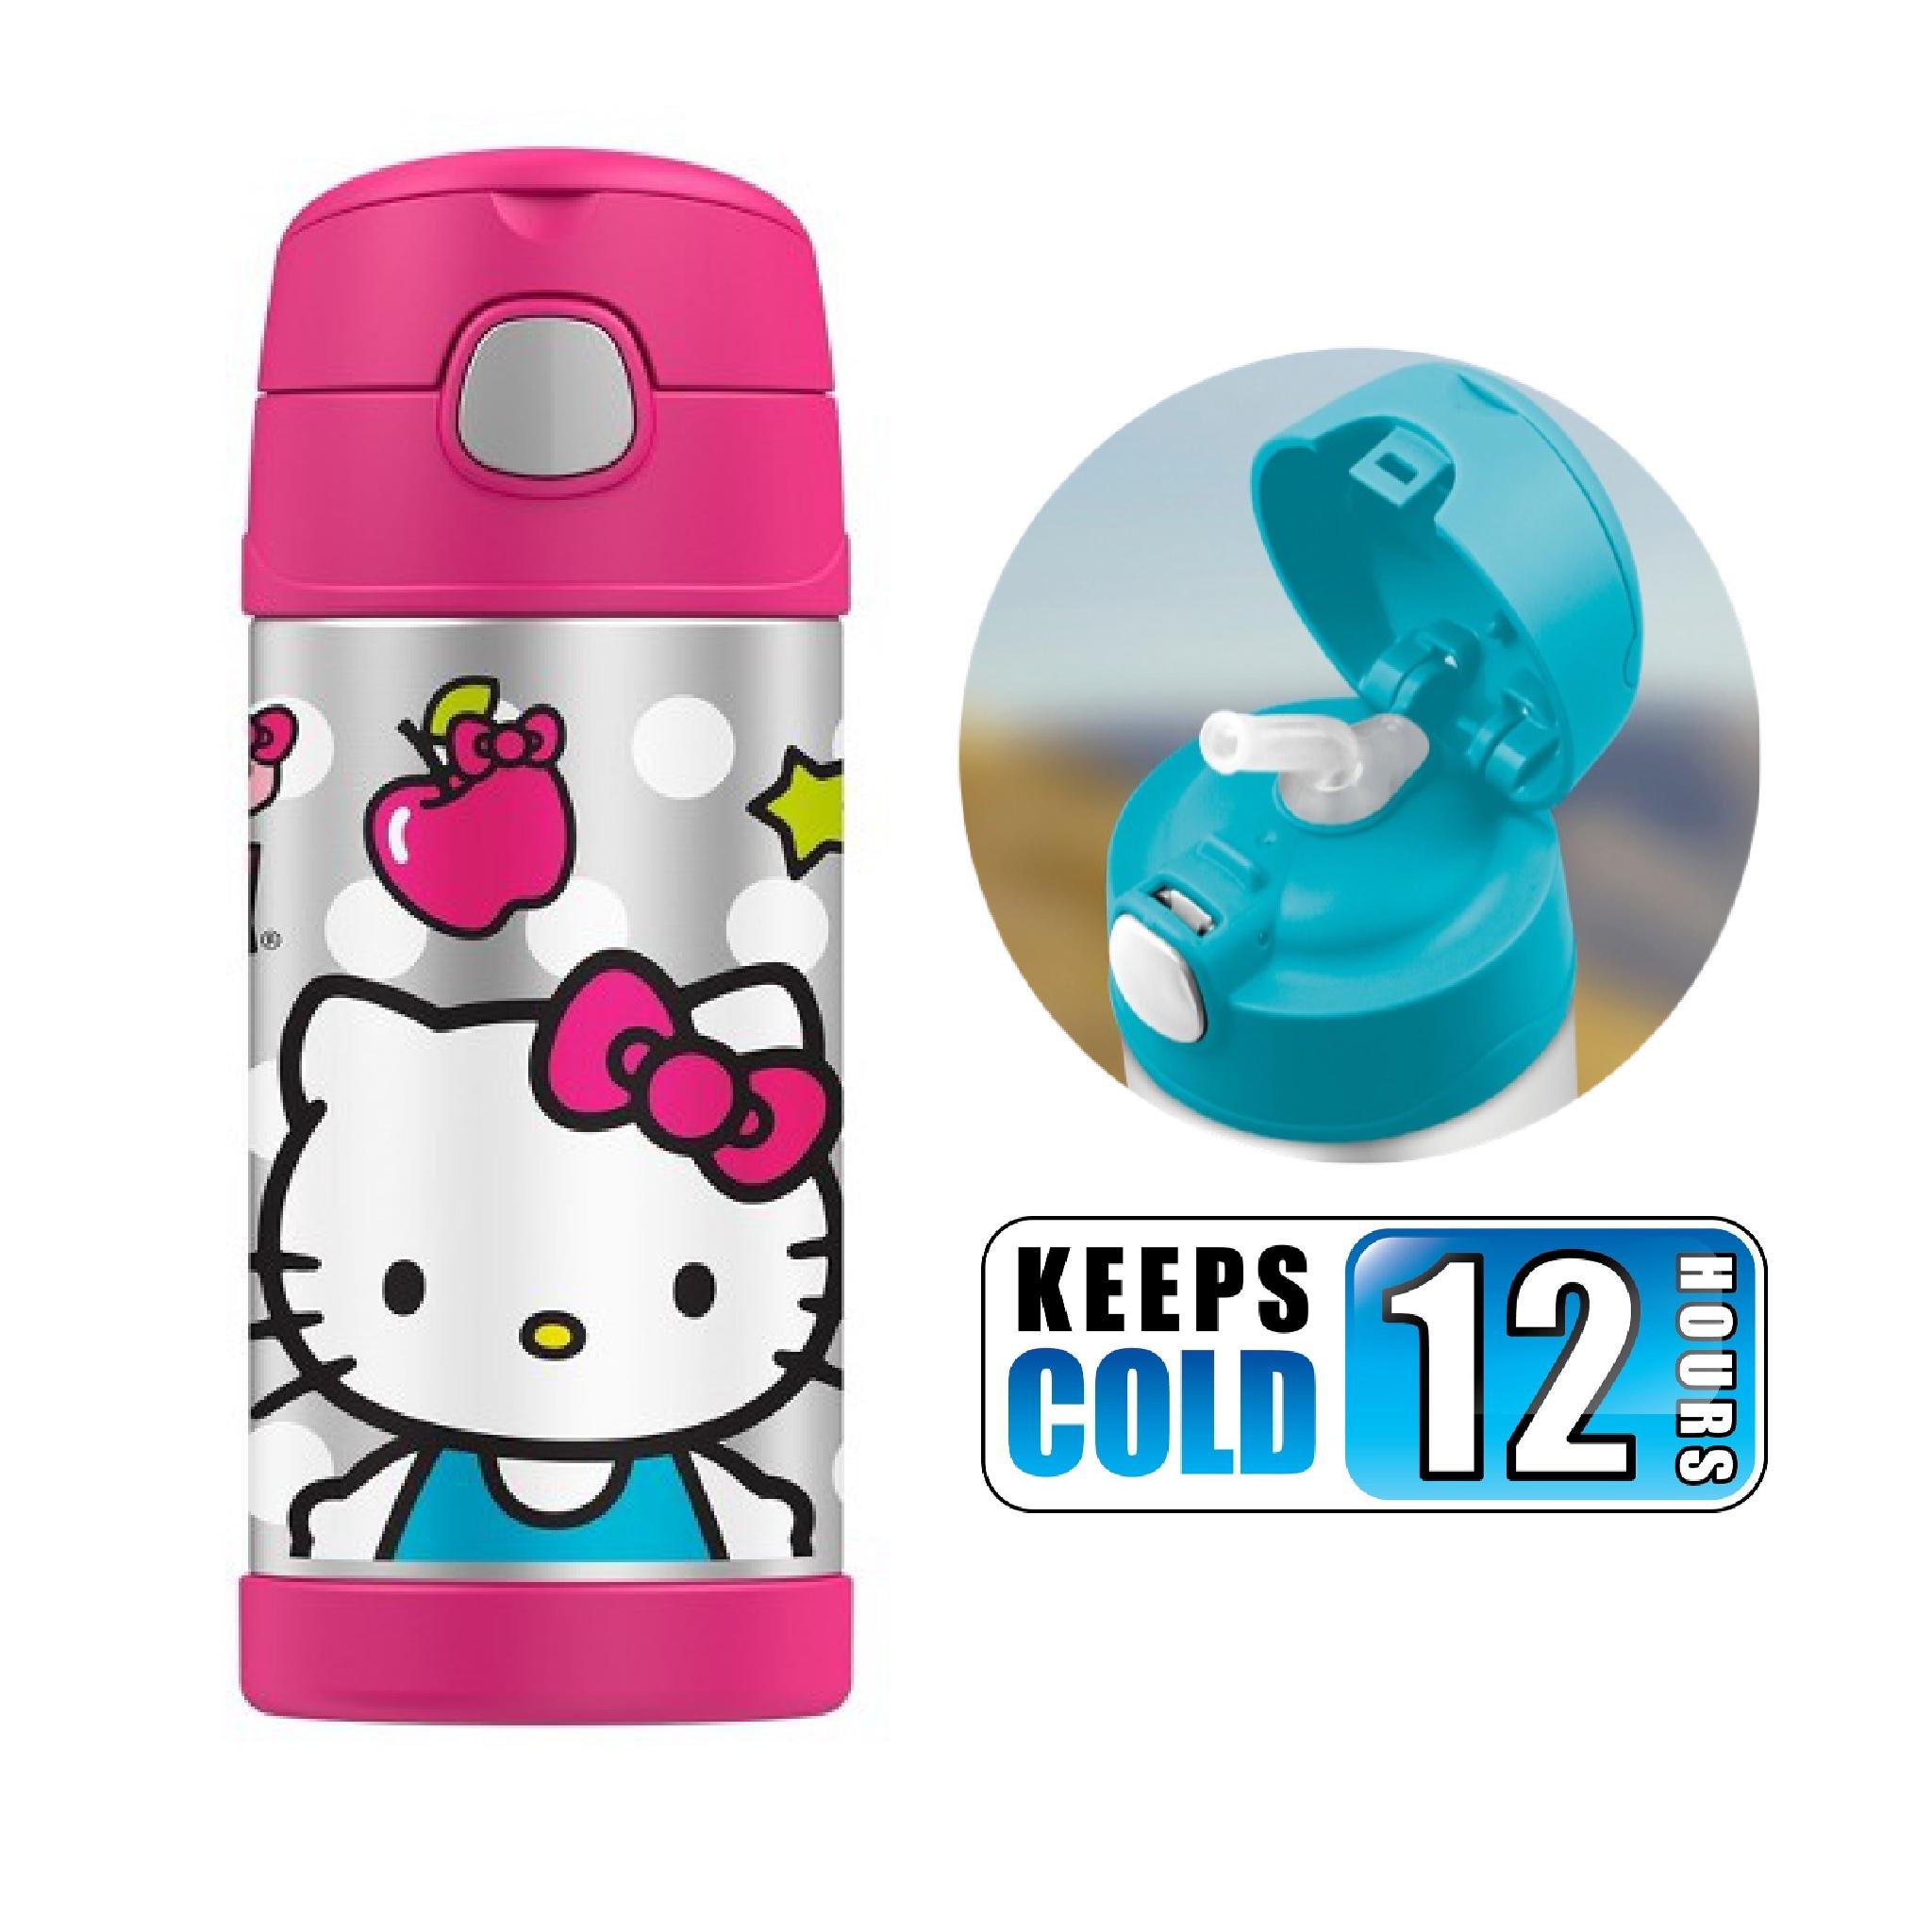 กระติกน้ำสเตนเลสรักษาอุณหภูมิ Thermos FUNtainer Vacuum Insulated Stainless Steel Bottle 12OZ (Hello Kitty)